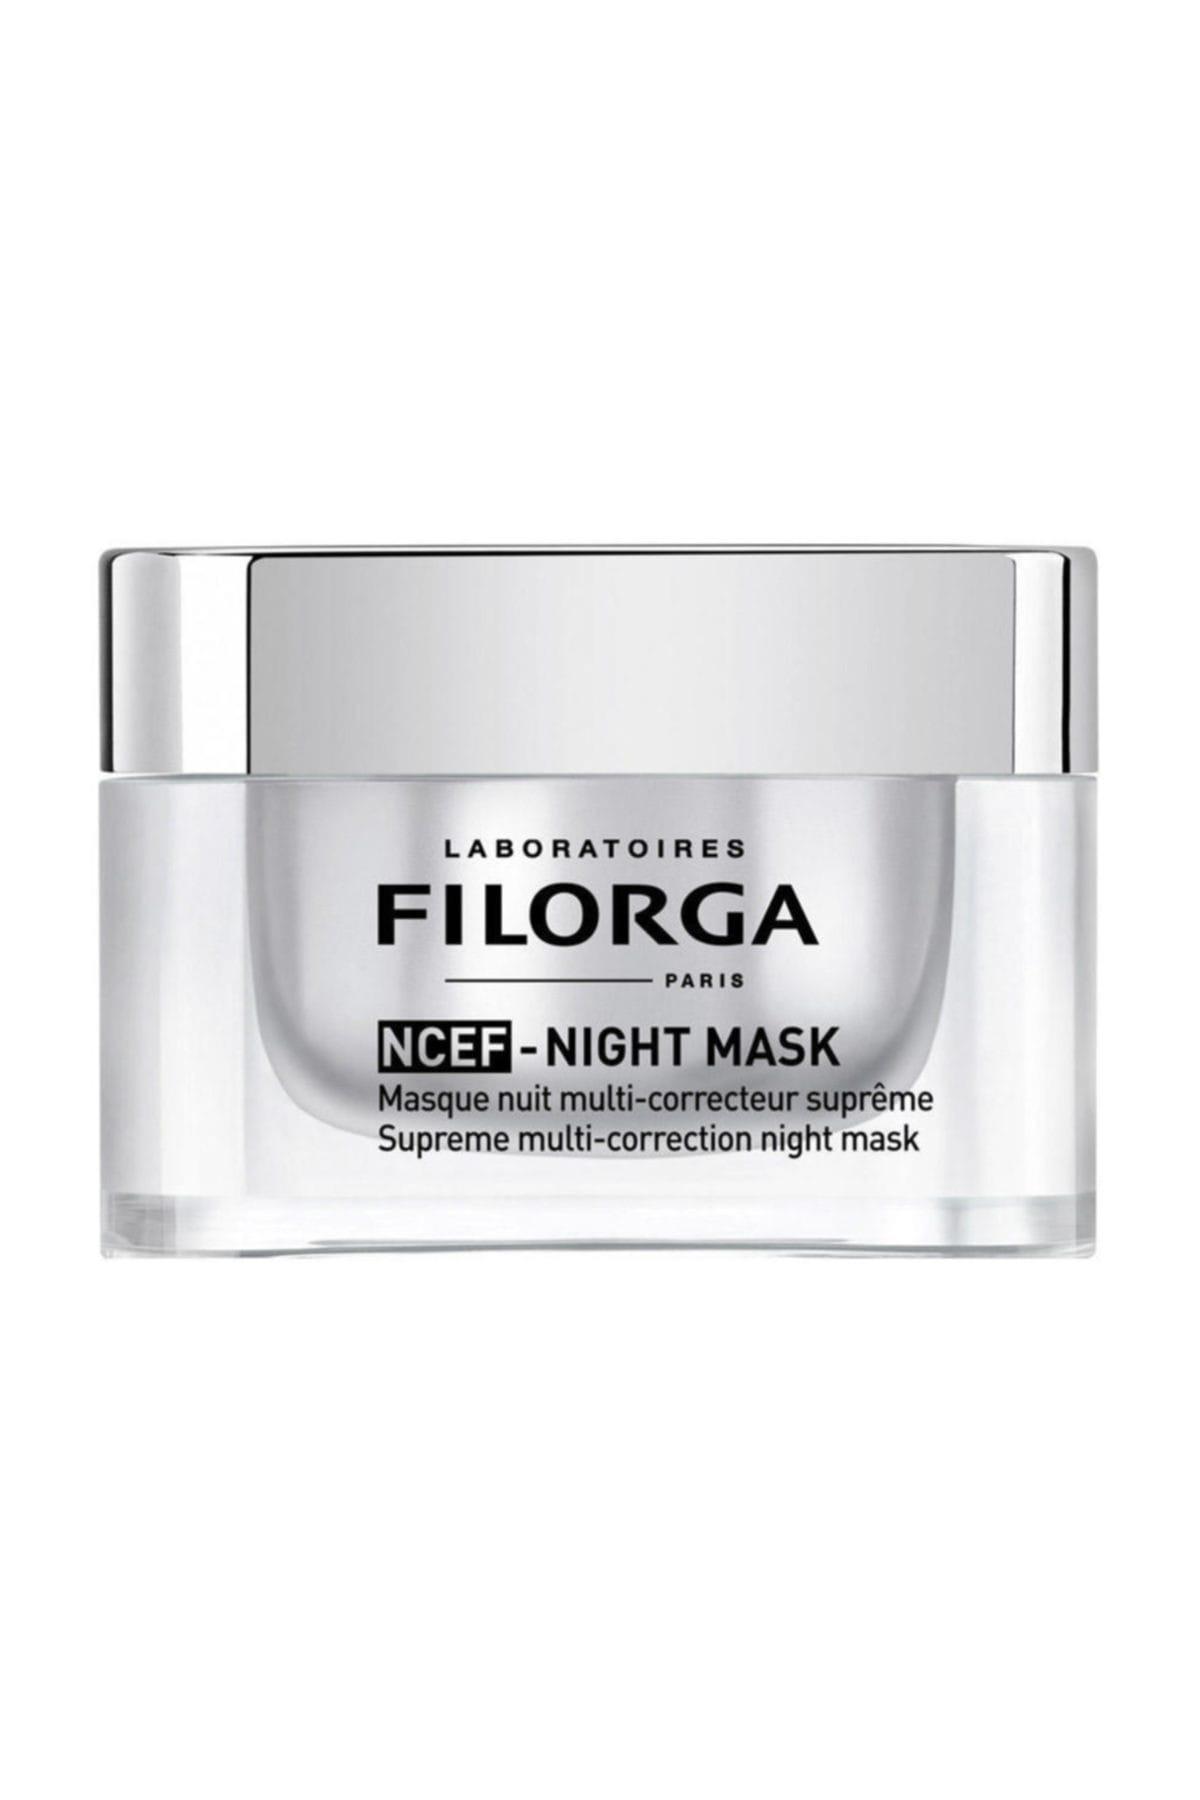 Filorga NCEF Night Mask Мултикоригираща нощна маска за уморена и стресирана кожа